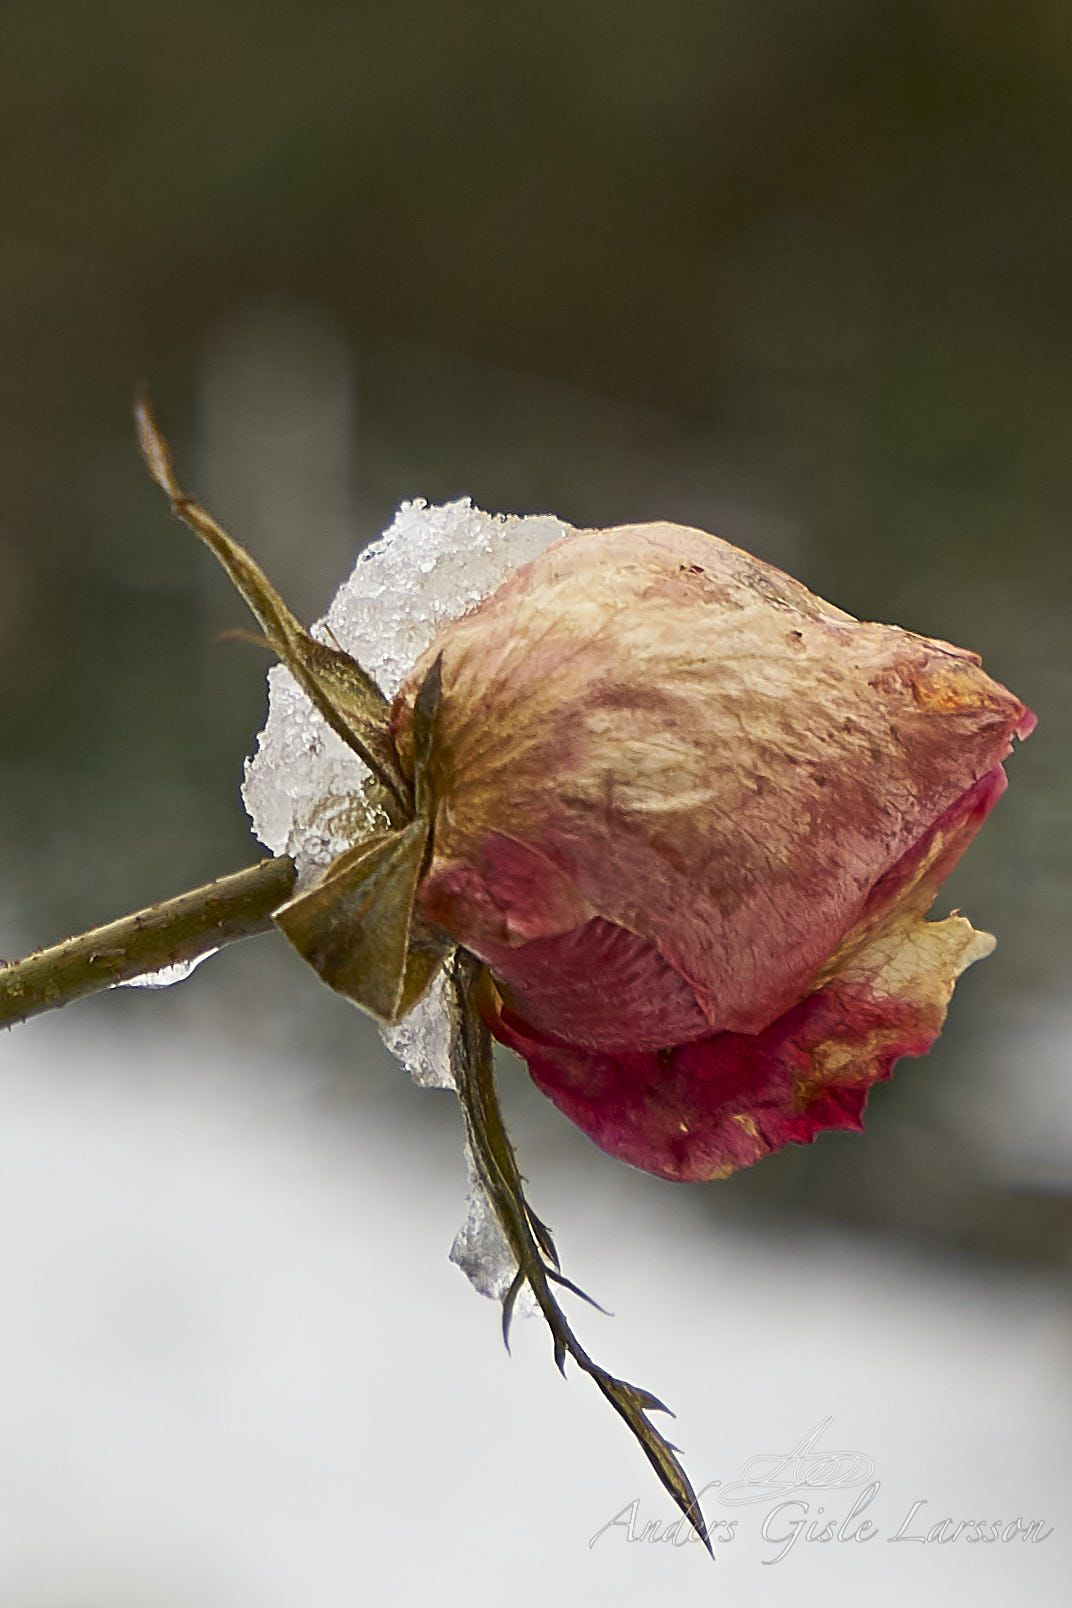 Vinter Rose, Alt er tilladt, Uge 6, 42/365, Assentoft, Randers